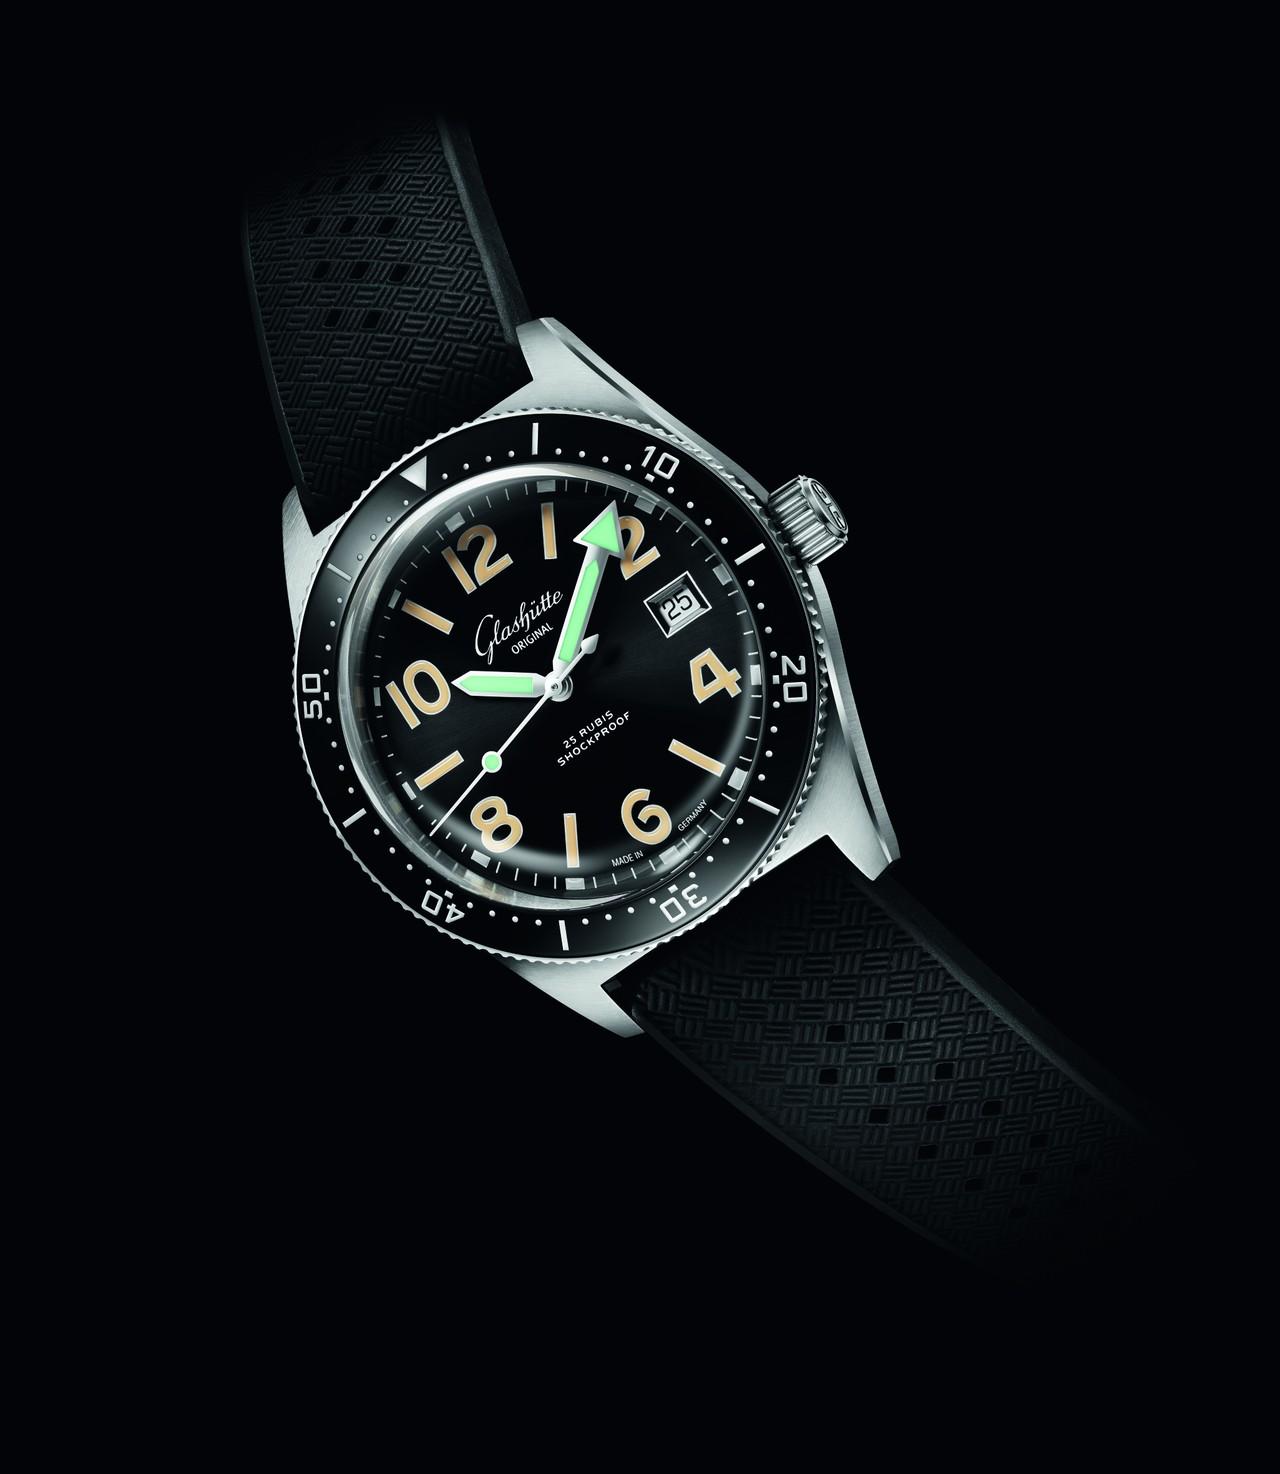 A SeaQ és SeaQ 1969 modellek 39,50 milliméteres, az ötven évvel ezelőttihez hű újdonságok.